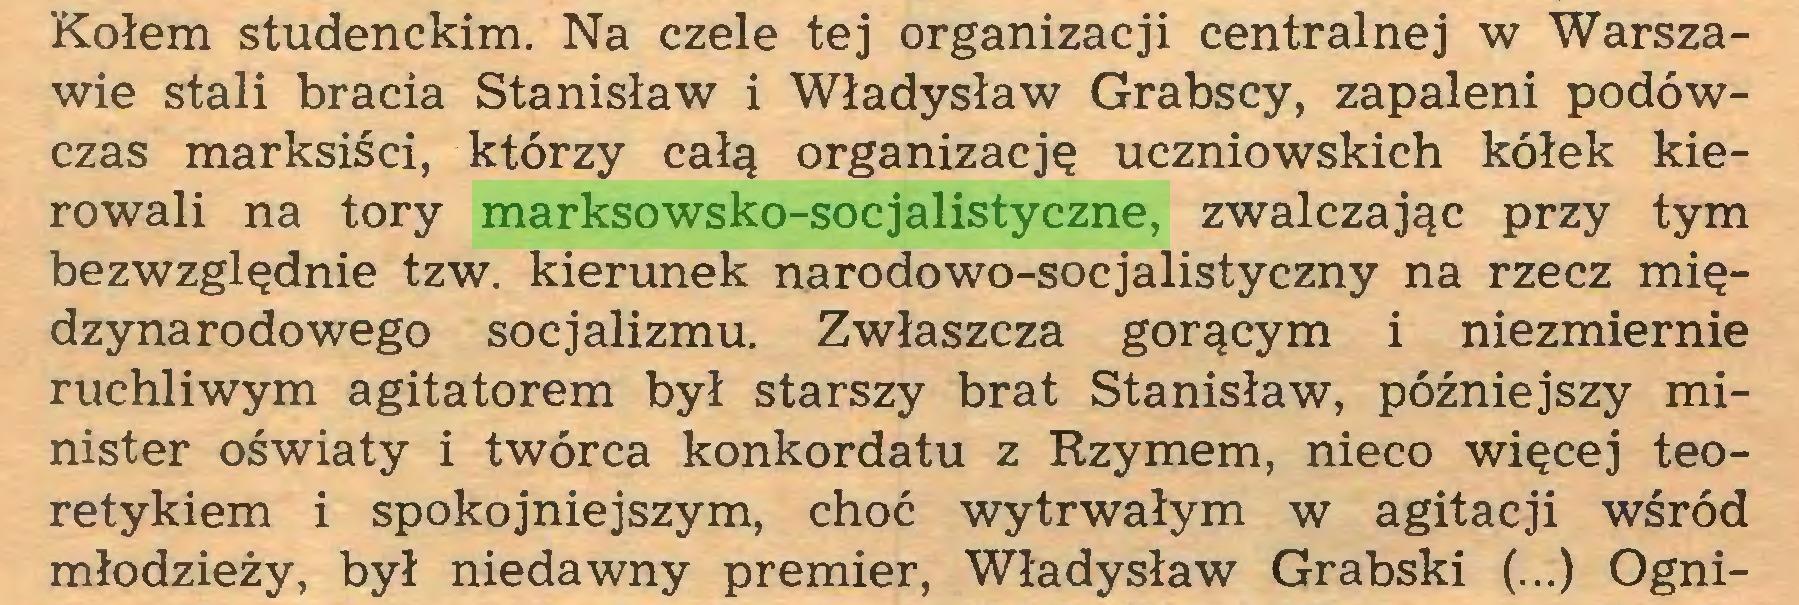 (...) Kołem studenckim. Na czele tej organizacji centralnej w Warszawie stali bracia Stanisław i Władysław Grabscy, zapaleni podówczas marksiści, którzy całą organizację uczniowskich kółek kierowali na tory marksowsko-socjalistyczne, zwalczając przy tym bezwzględnie tzw. kierunek narodowo-socjalistyczny na rzecz międzynarodowego socjalizmu. Zwłaszcza gorącym i niezmiernie ruchliwym agitatorem był starszy brat Stanisław, późniejszy minister oświaty i twórca konkordatu z Rzymem, nieco więcej teoretykiem i spokojniejszym, choć wytrwałym w agitacji wśród młodzieży, był niedawny premier, Władysław Grabski (...) Ogni...